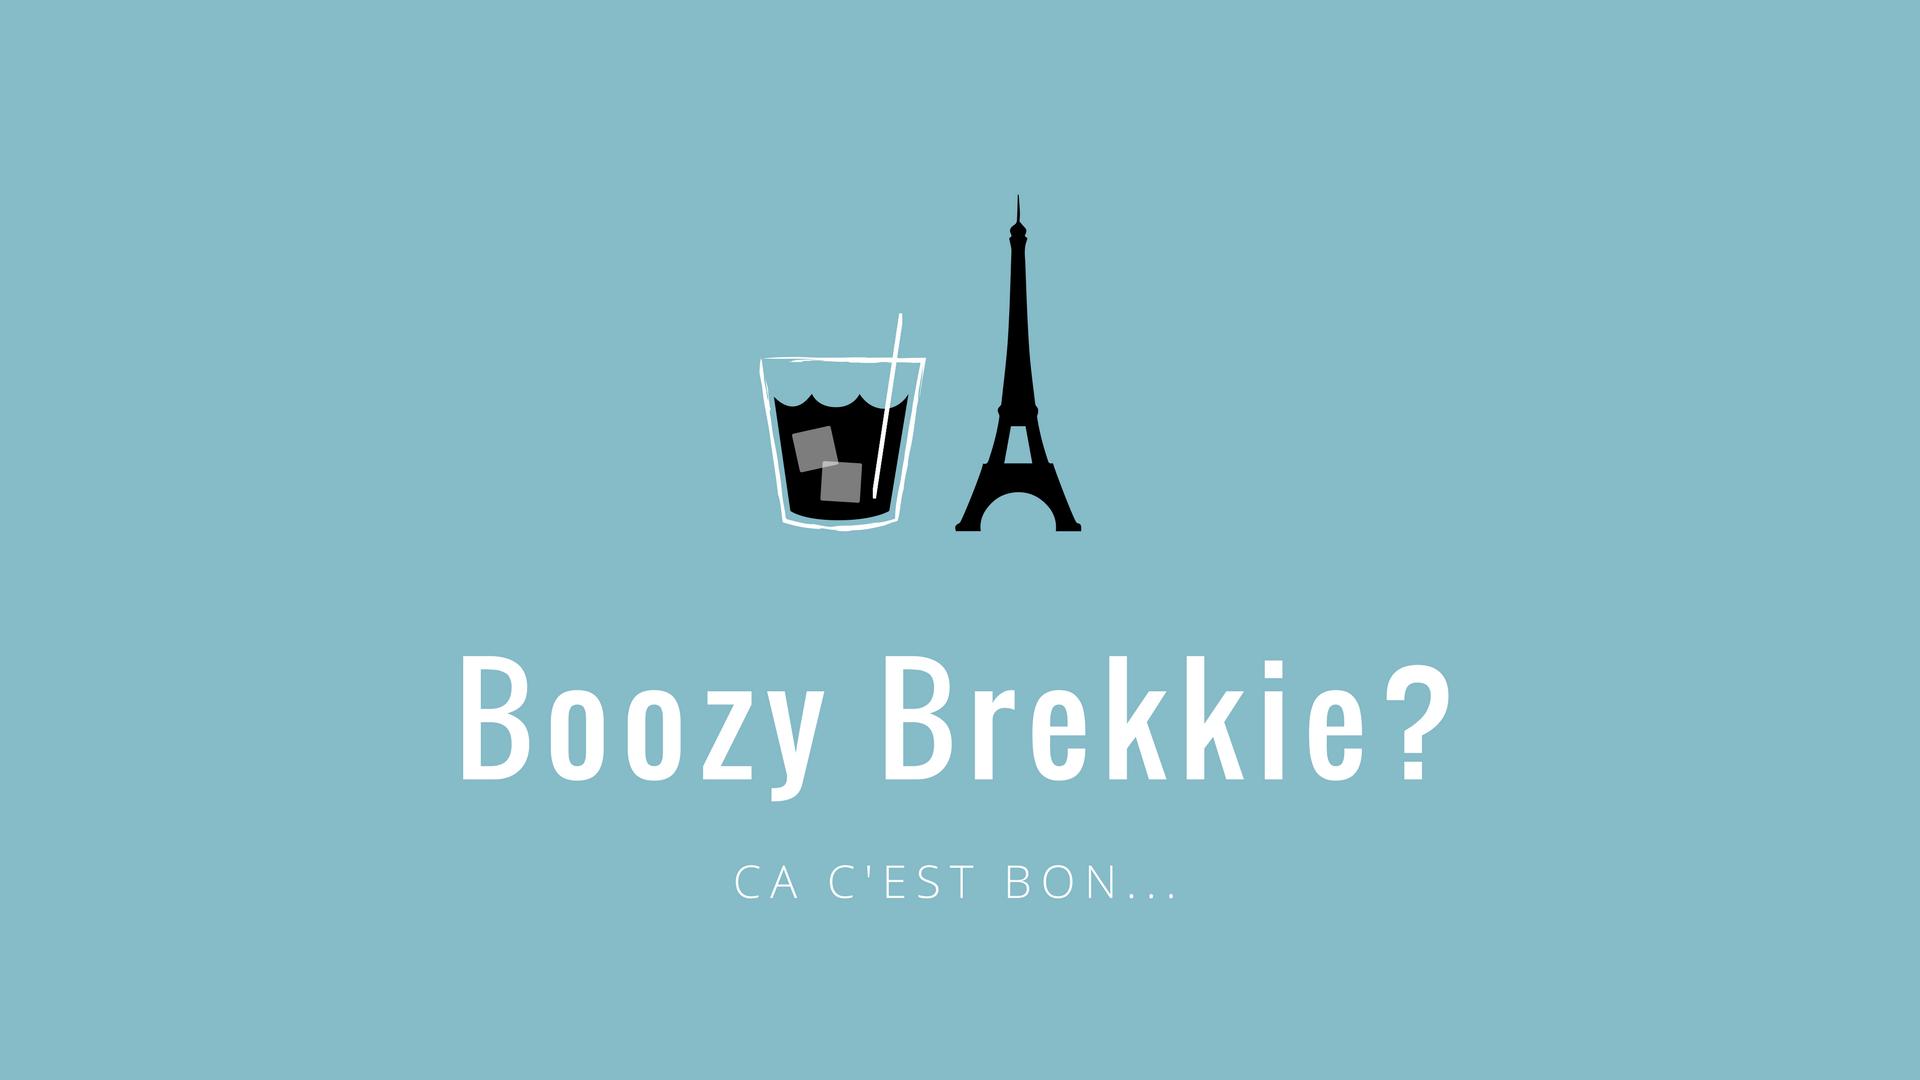 boozey brekkie.png